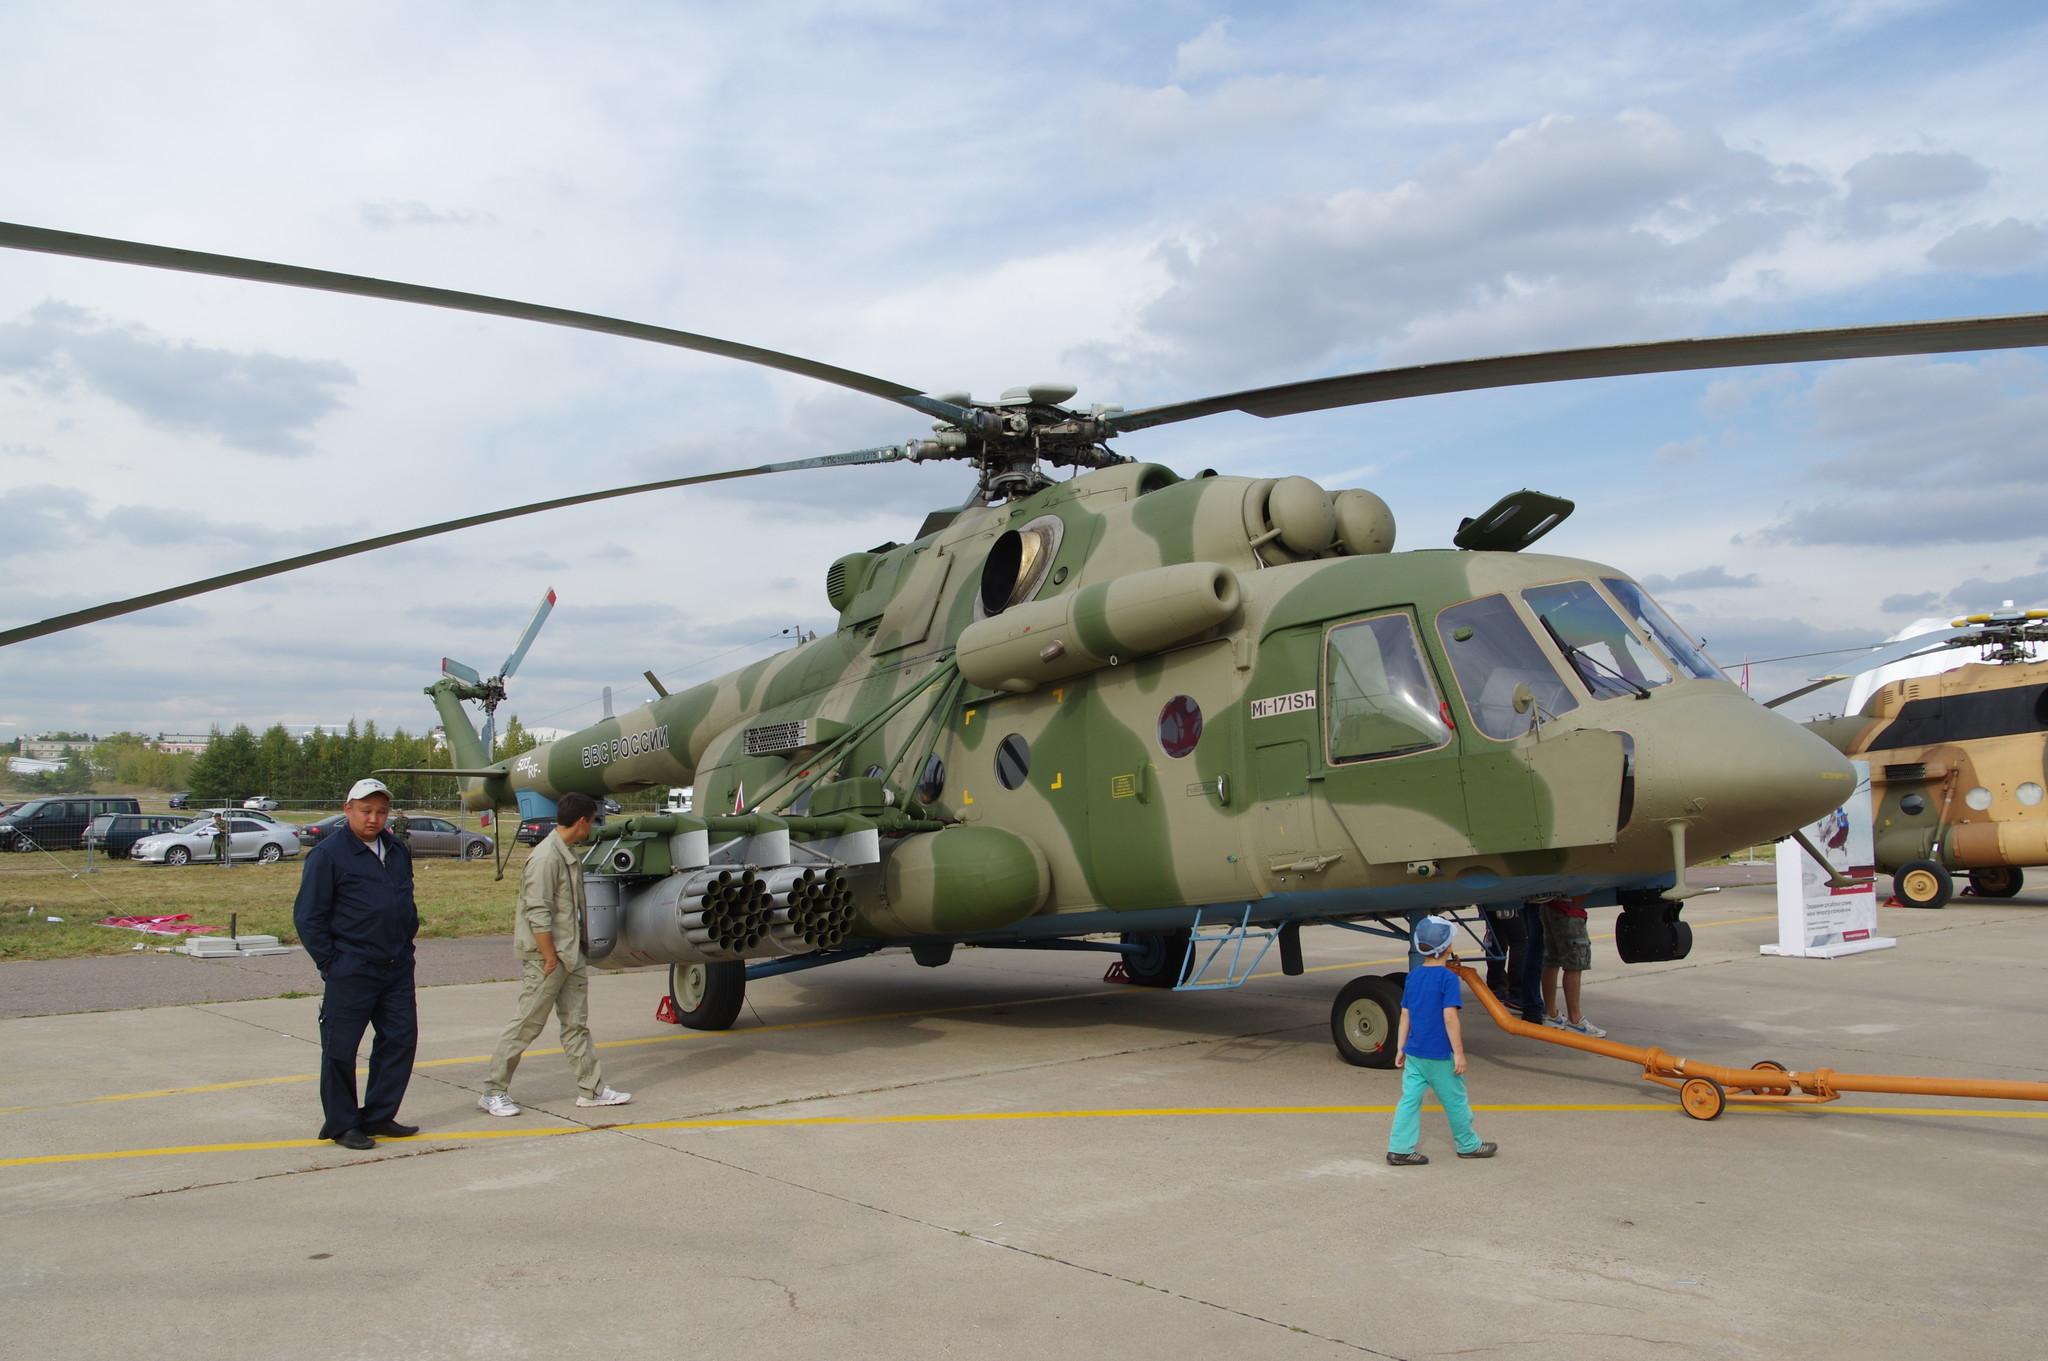 Военный транспортно-штурмовой вертолёт Ми-171Ш